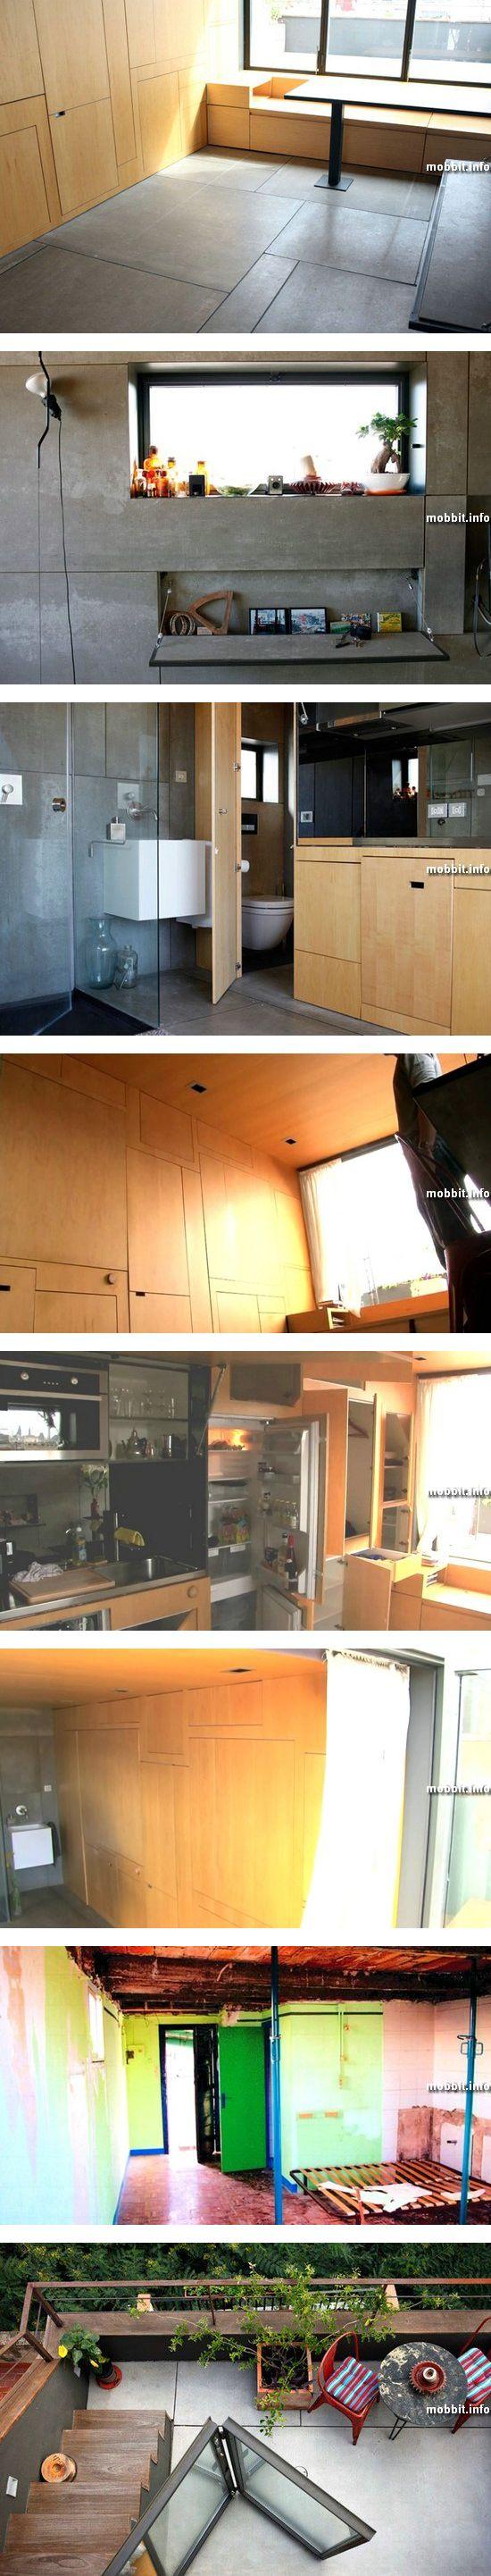 Уникальная крошечная квартира-трансформер